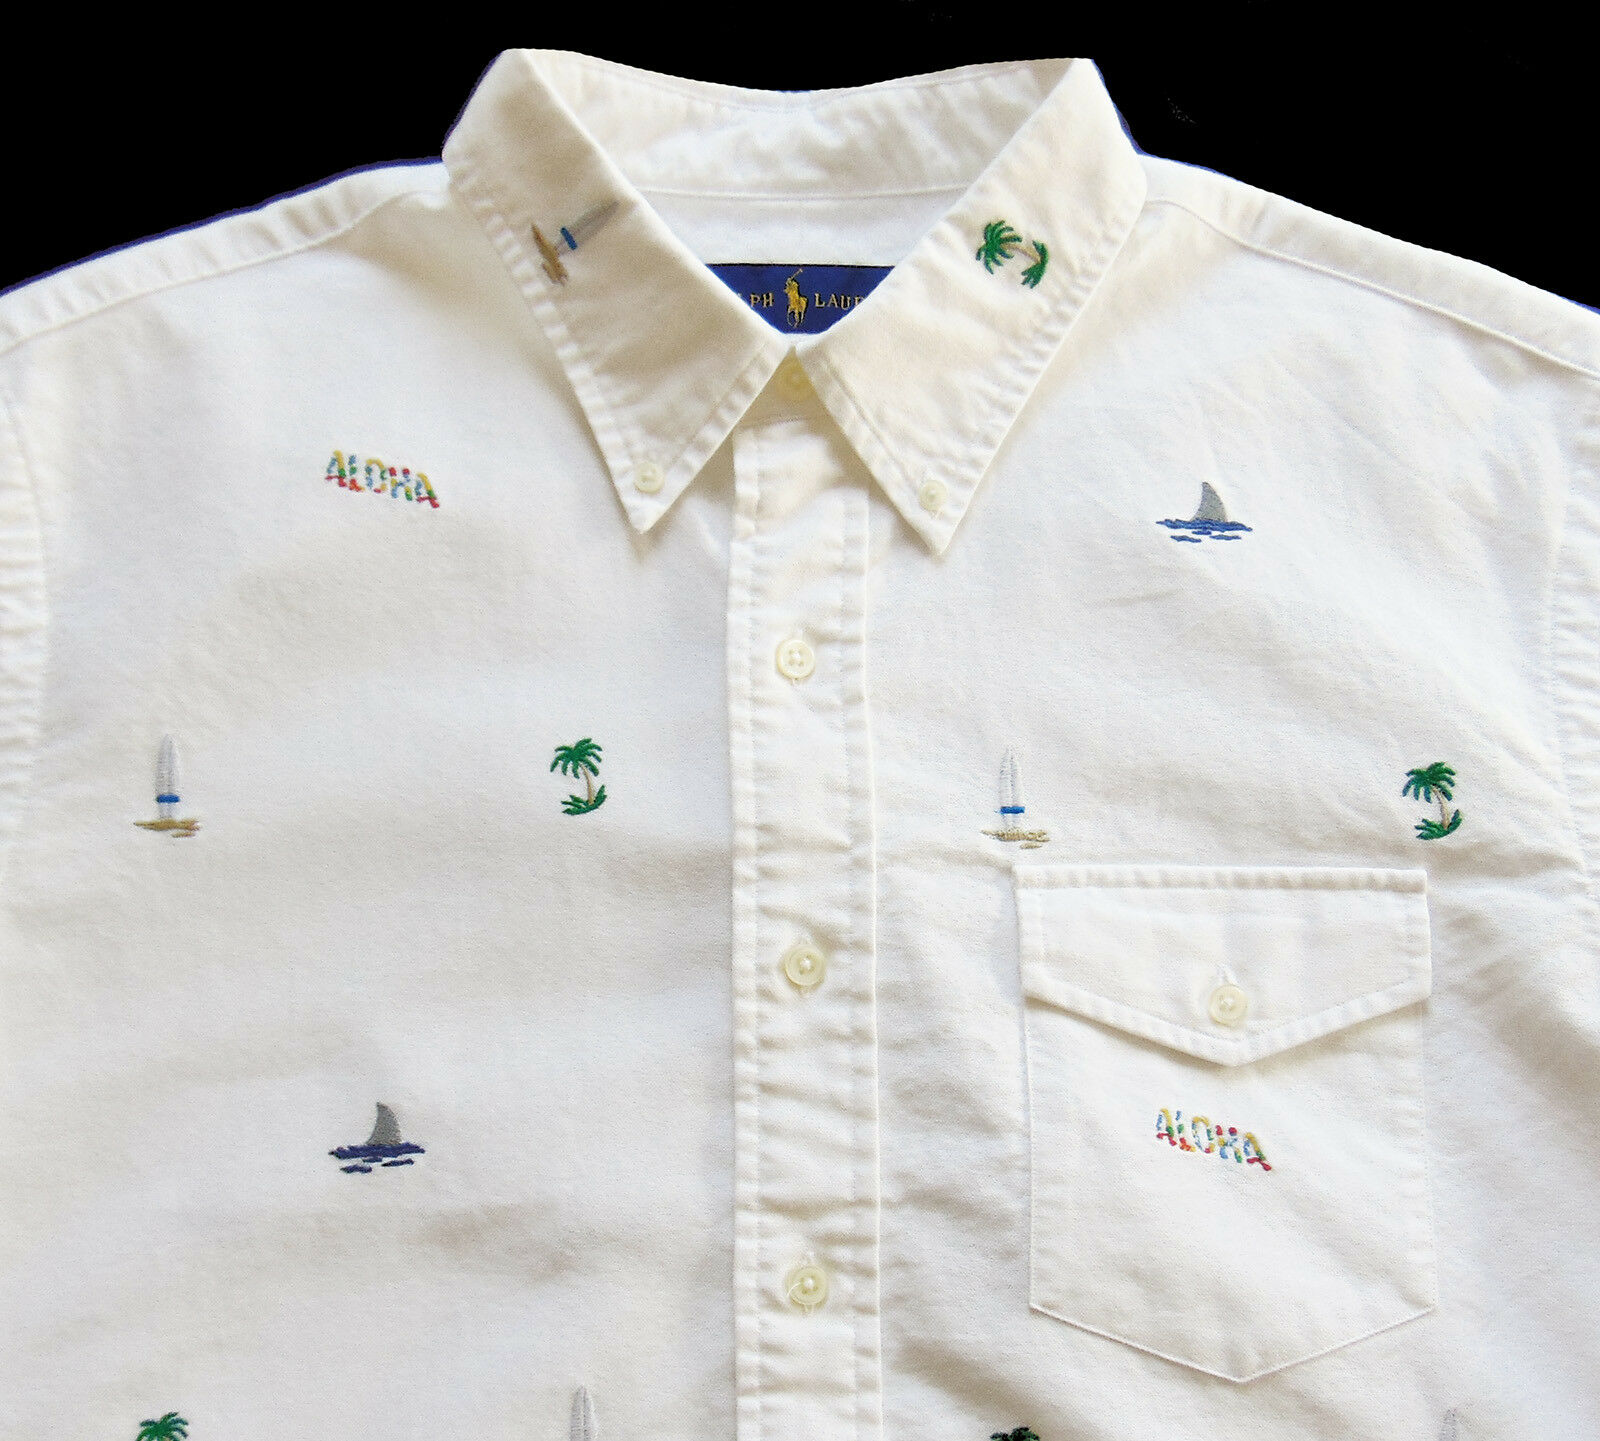 Men's RALPH LAUREN White Short Sleeve Hawaii Aloha S S Shirt XL X-Large NWT NEW